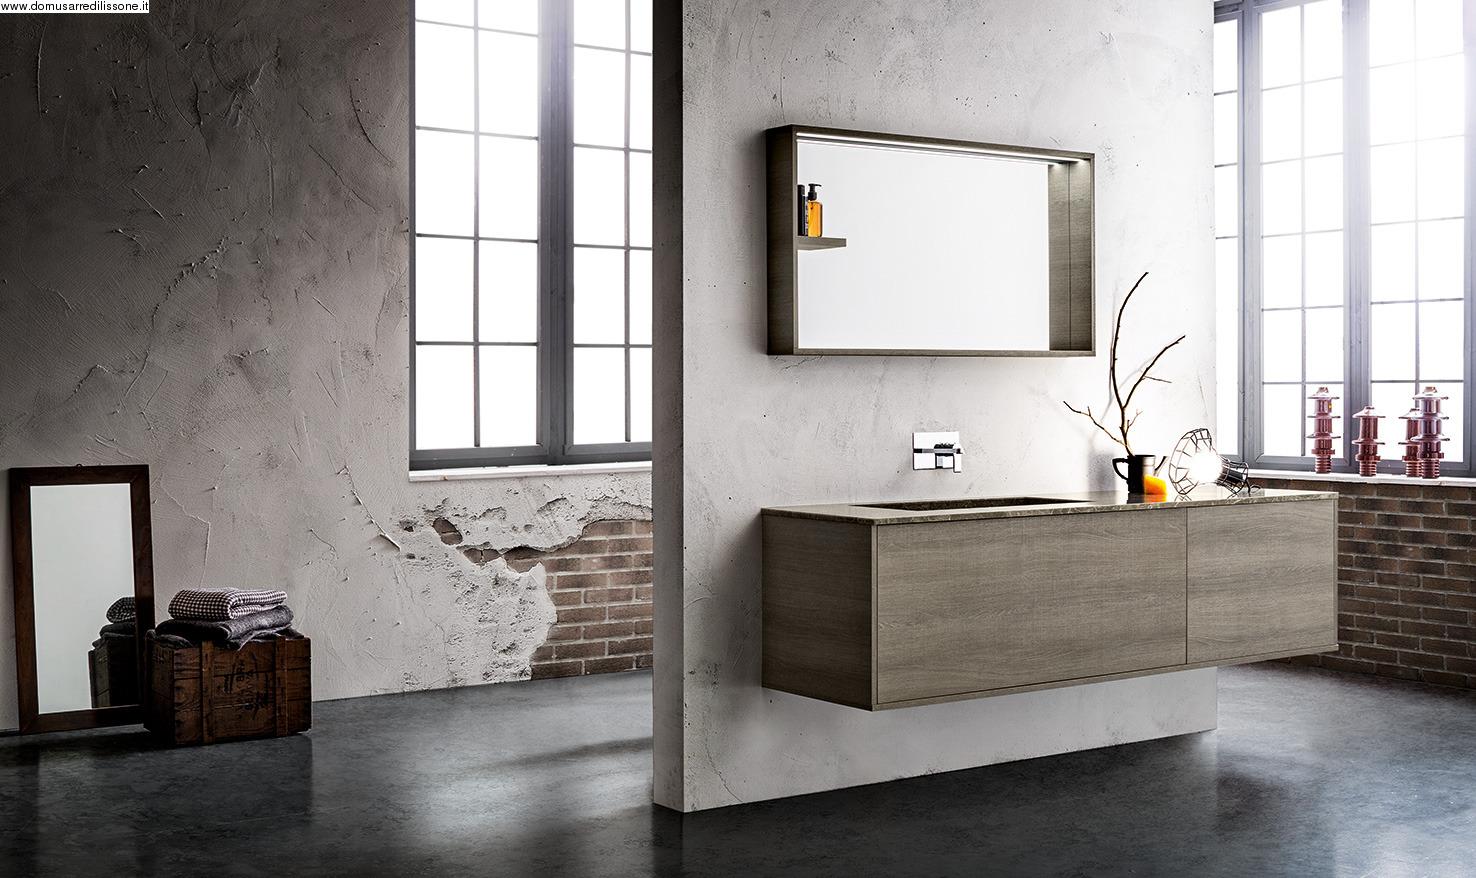 Specchi design da parete - Lissone arredo bagno ...